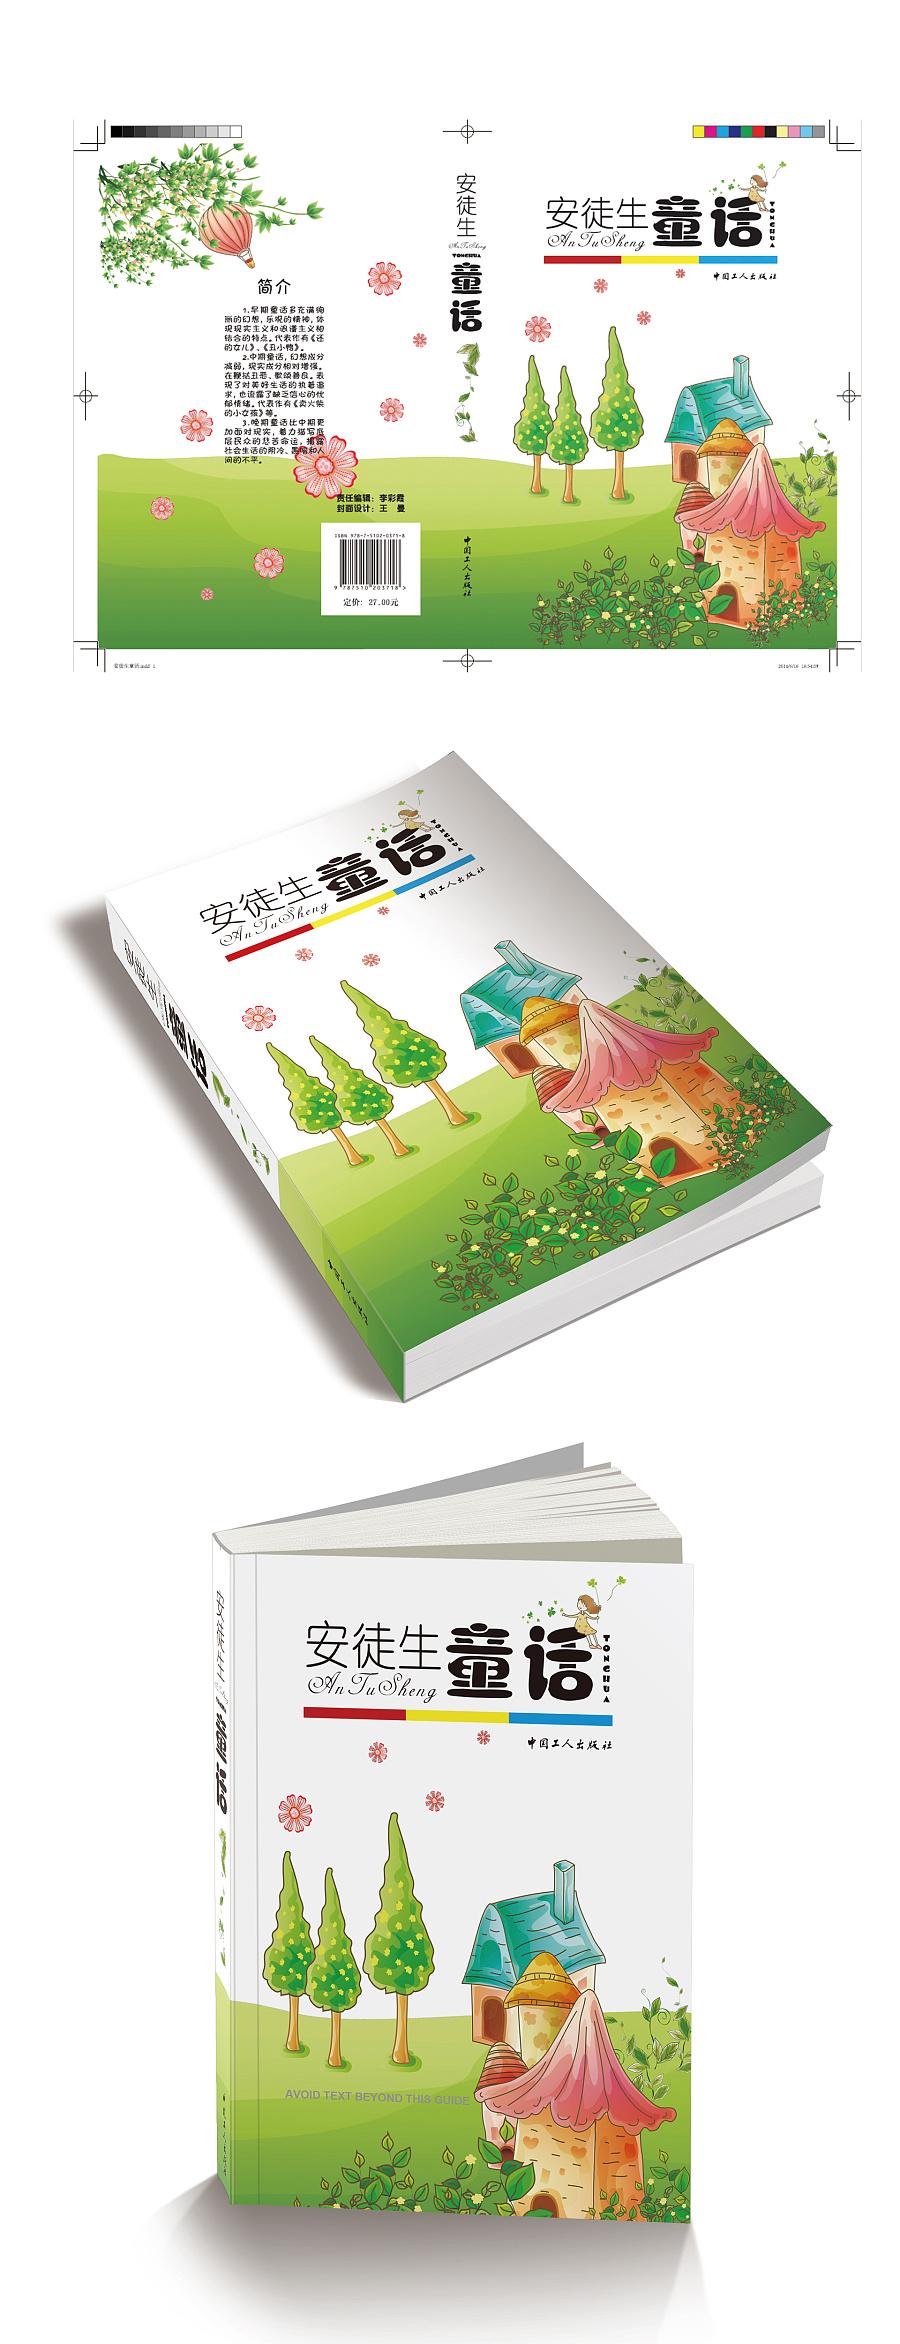 原创作品:书籍封面设计图片